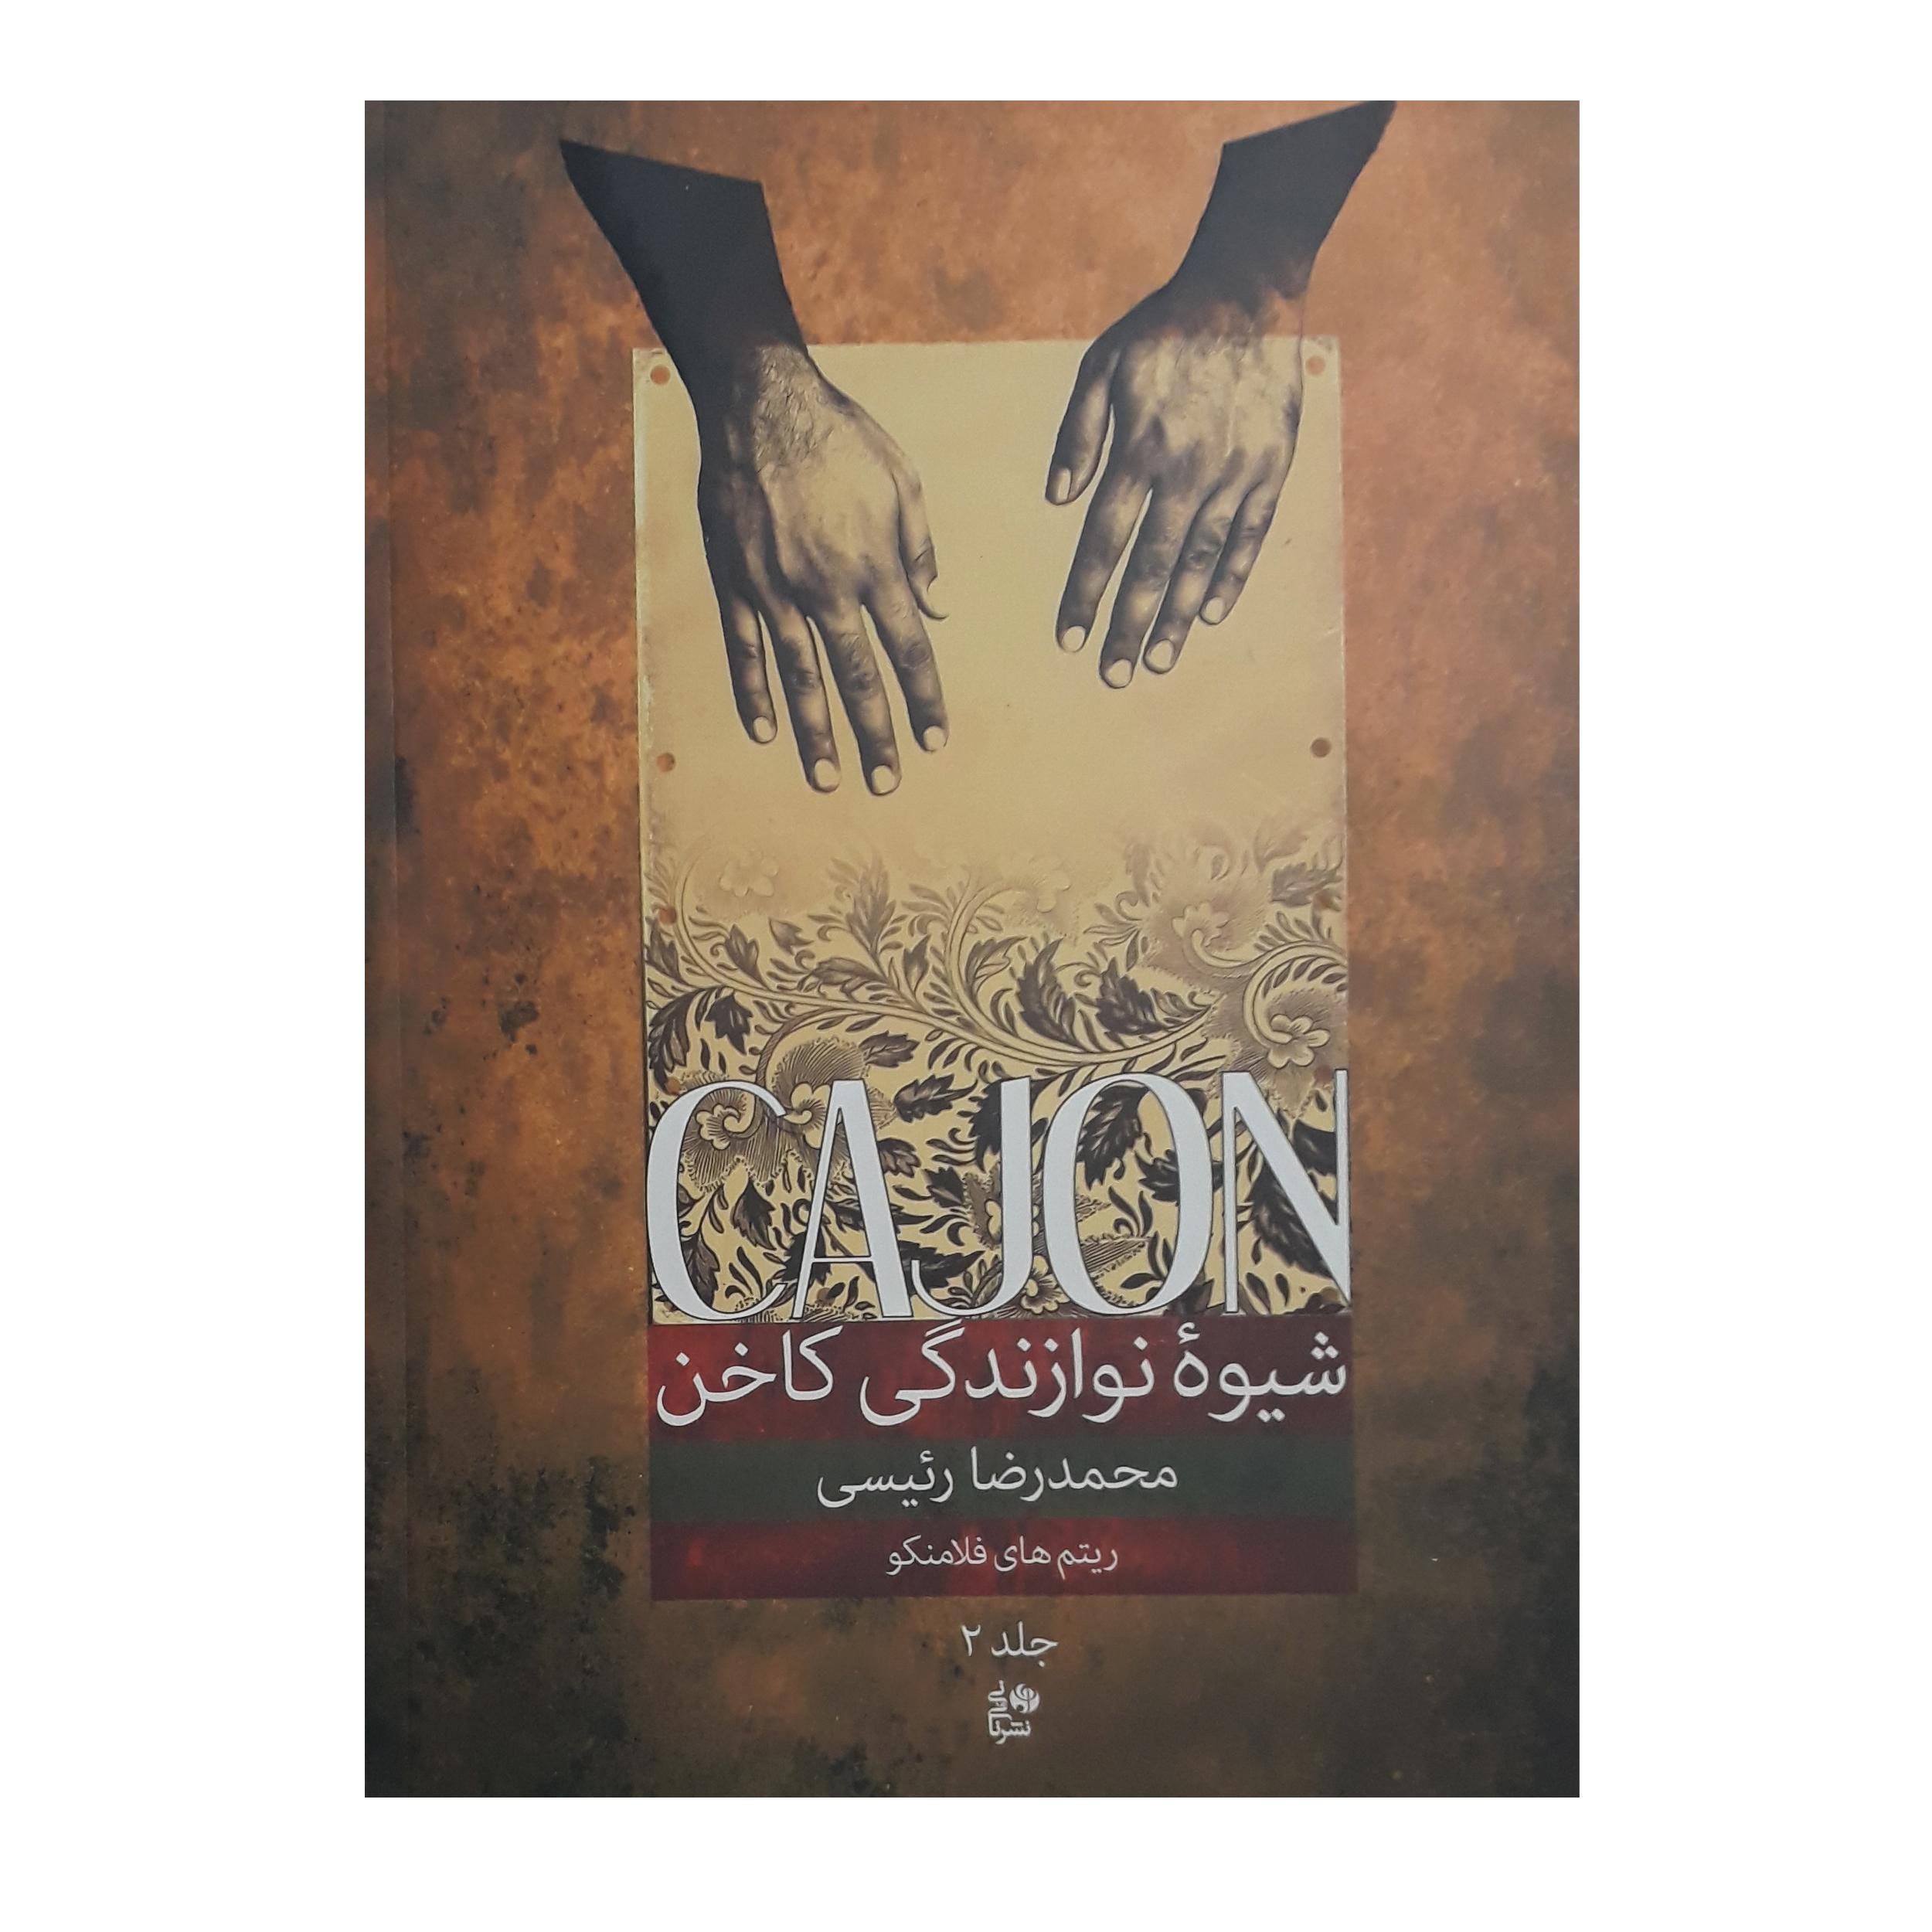 کتاب شیوه نوازندگی کاخن اثر محمد رضا رئیسی انتشارات نای و نی جلد 2